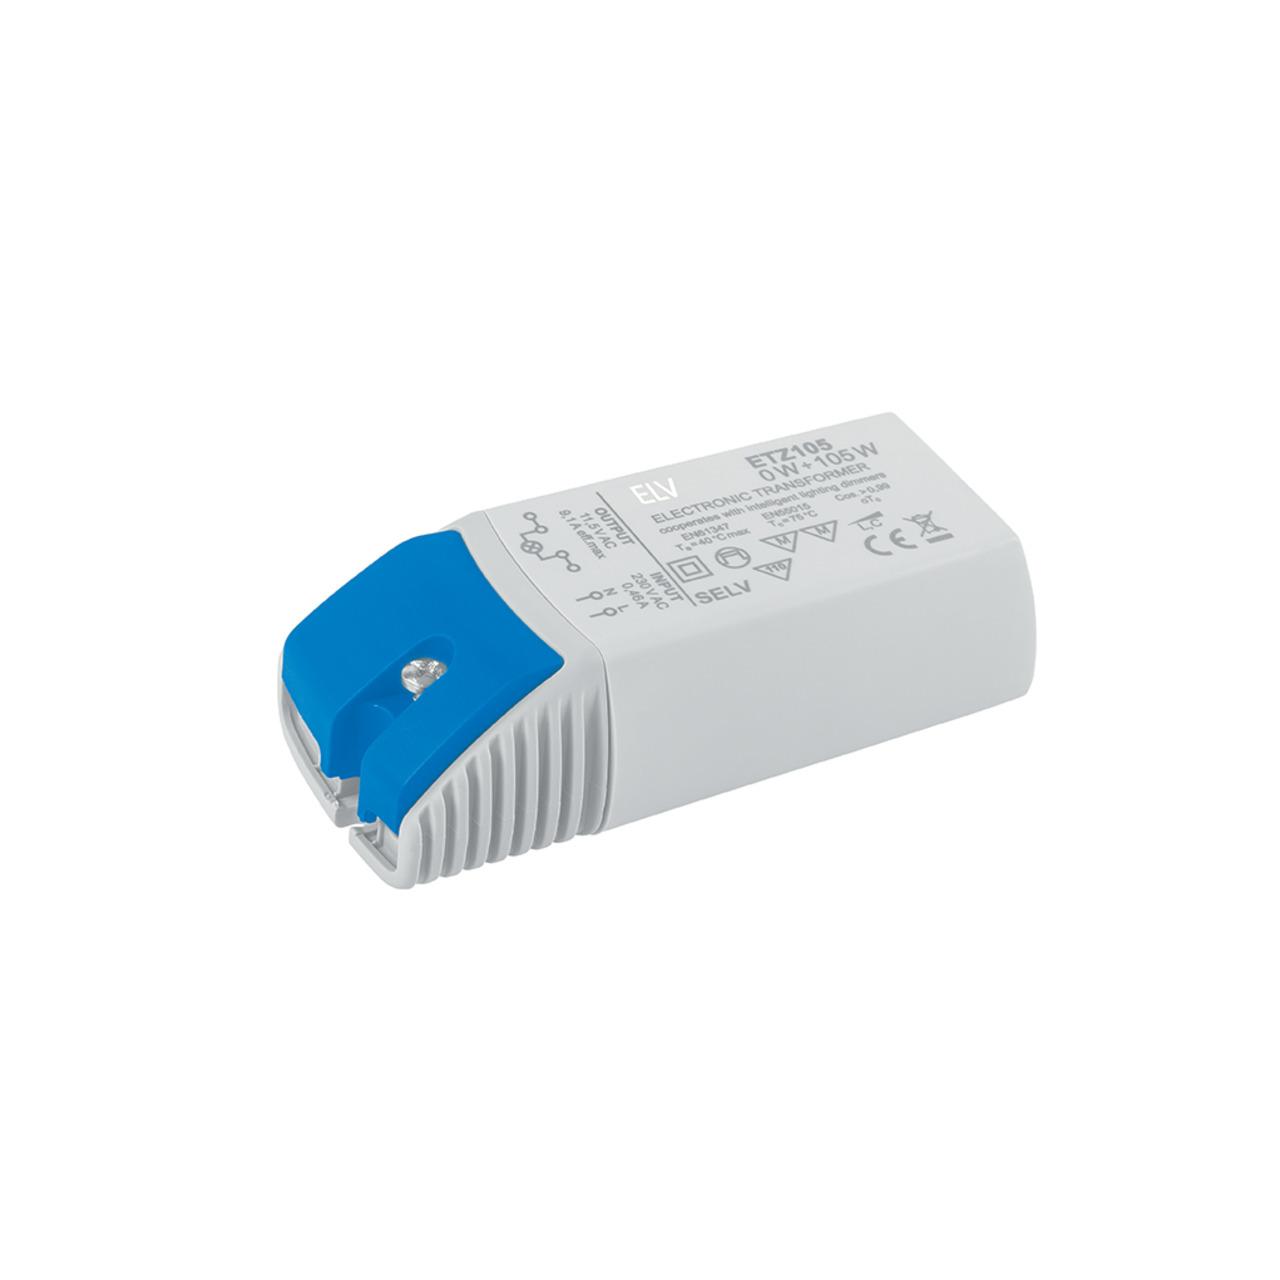 ELV 0-1-105-W-LED-Netzteil- 12 V AC- dimmbar